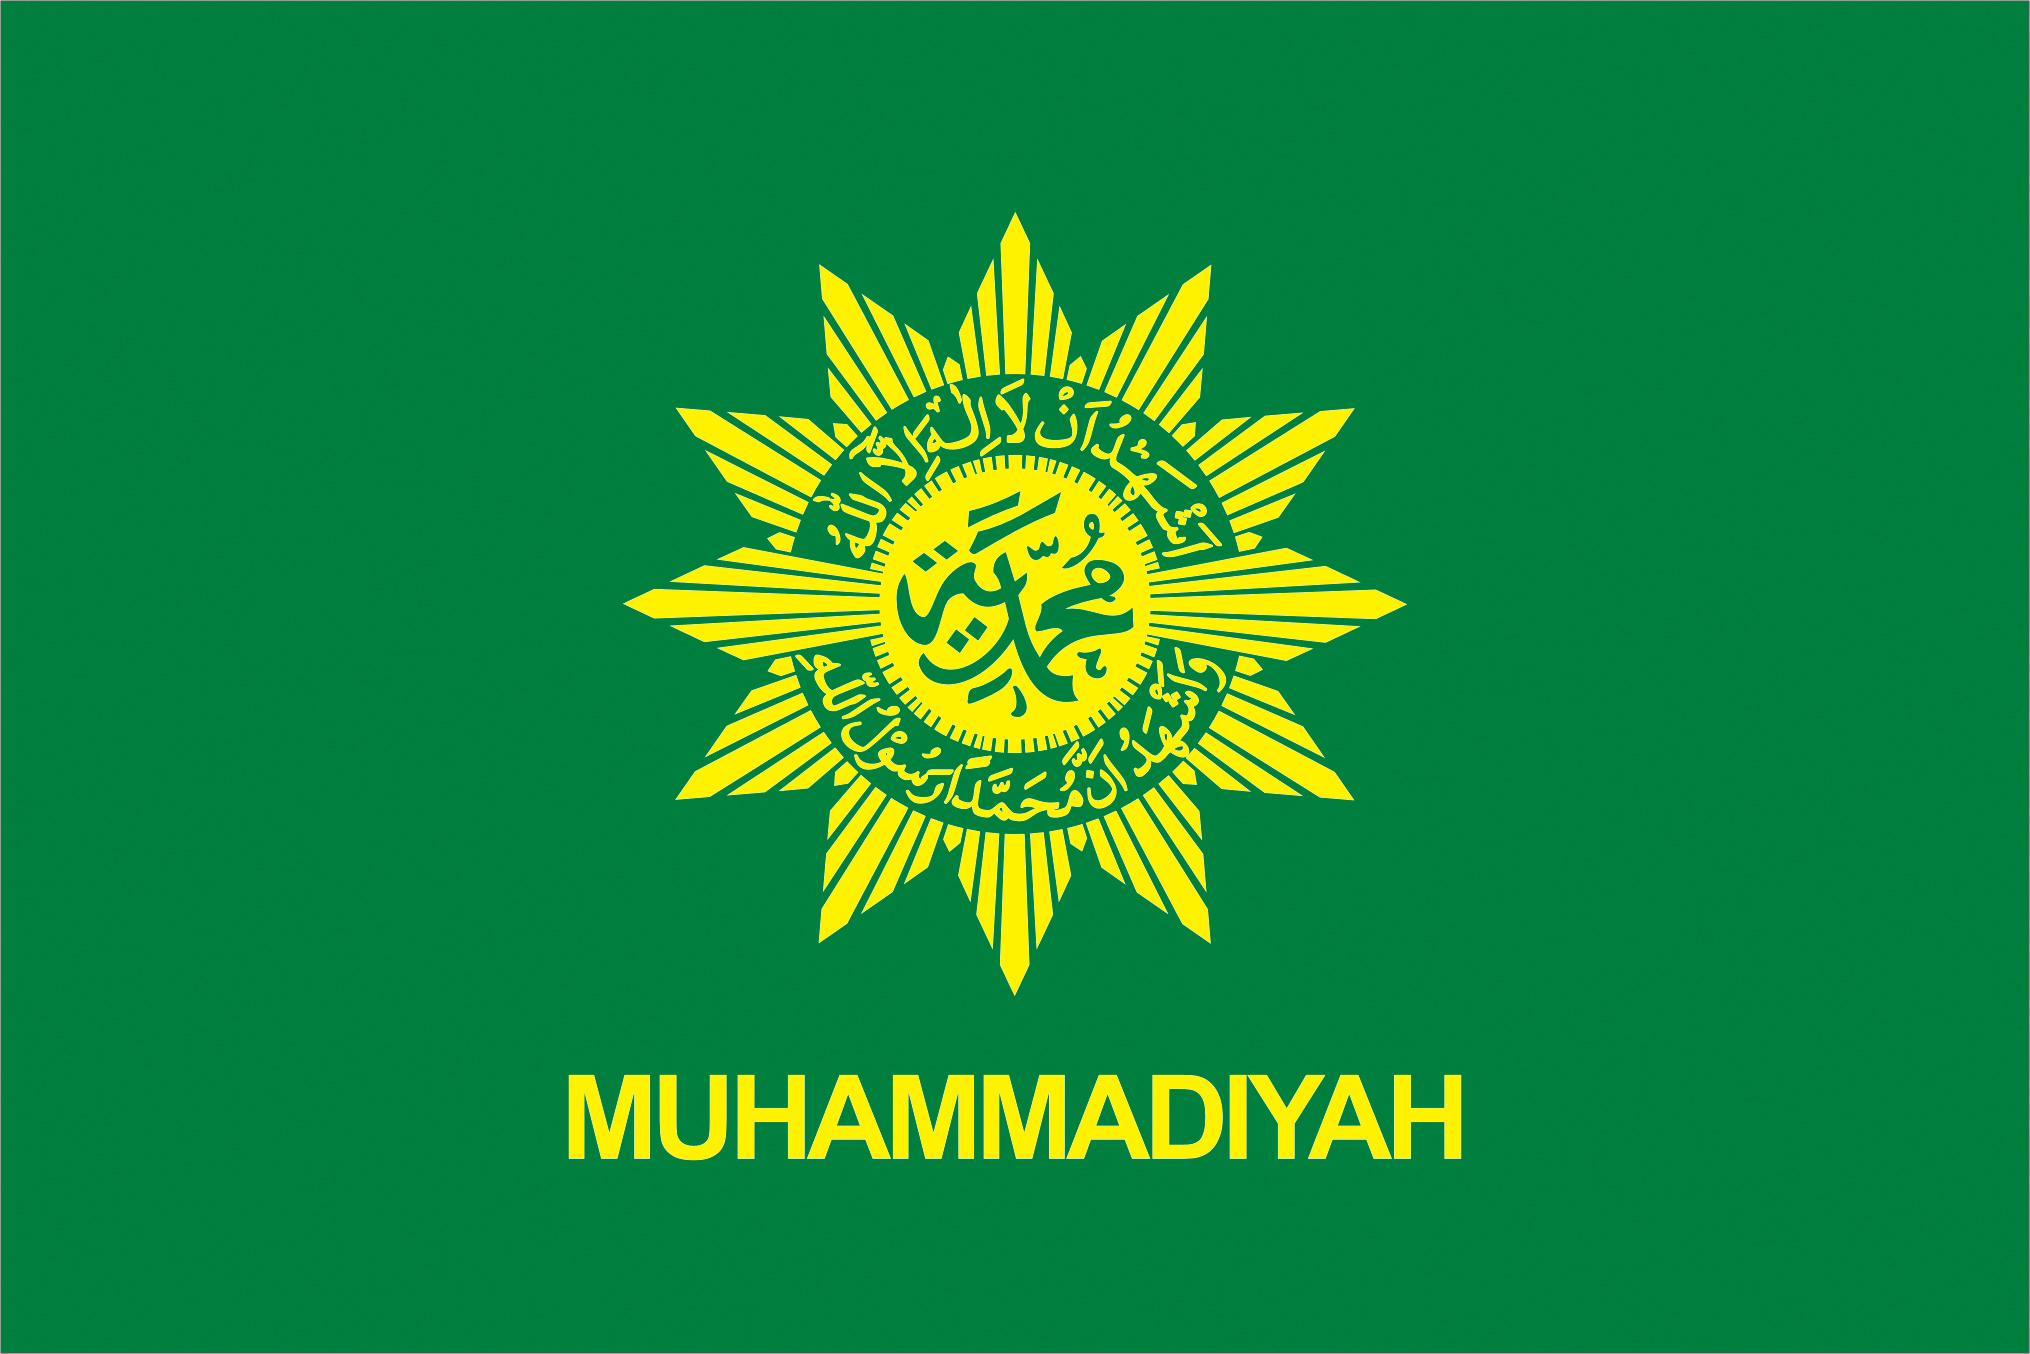 Inilah Sikap Kebangsaan PP Muhammadiyah terhadap Pancasila ...